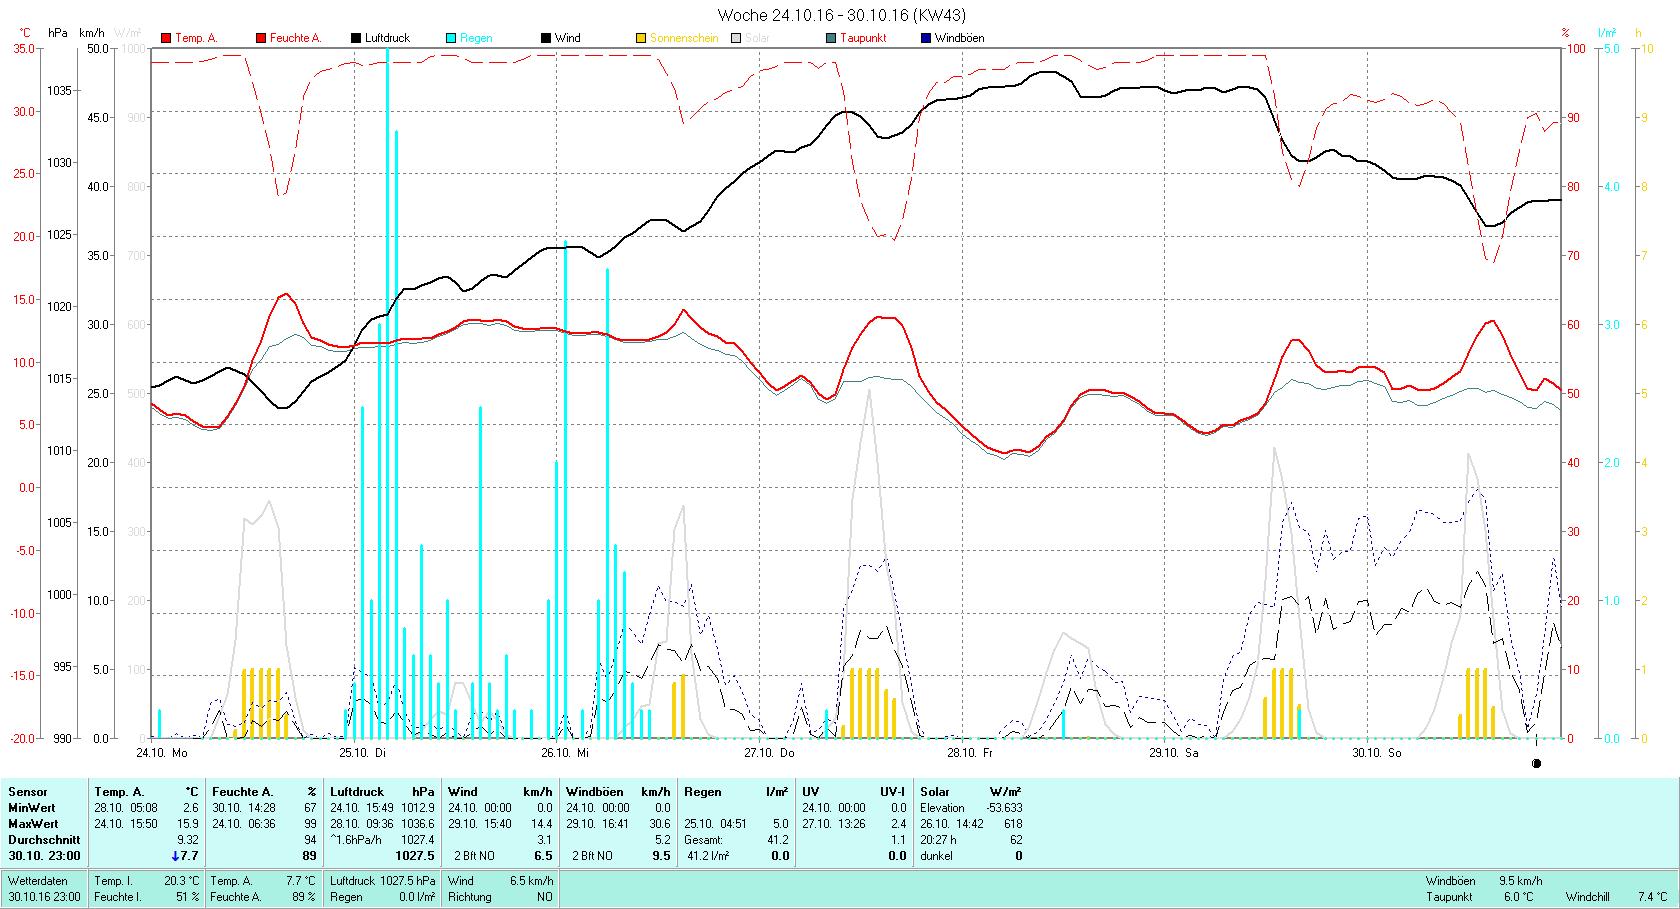 KW 43 Tmin 2.6°C, Tmax 15.9°C, Sonne 20:27h, Niederschlag 41.2mm/2